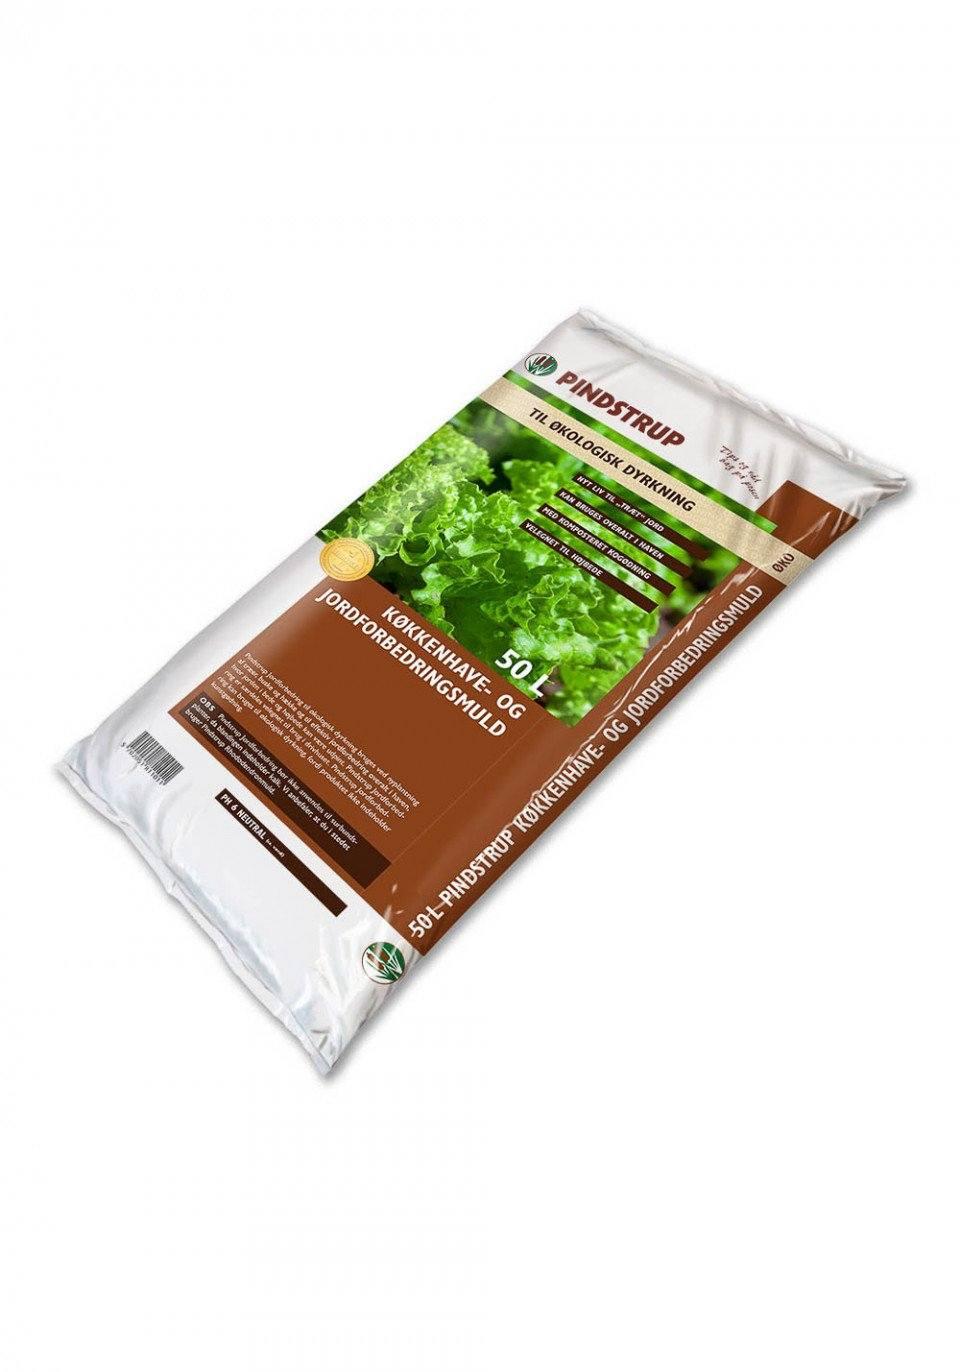 9aff73a24 Pindstrup Køkkenhave- og jordforbedringsmuld til økologisk dyrkning - 50  liter